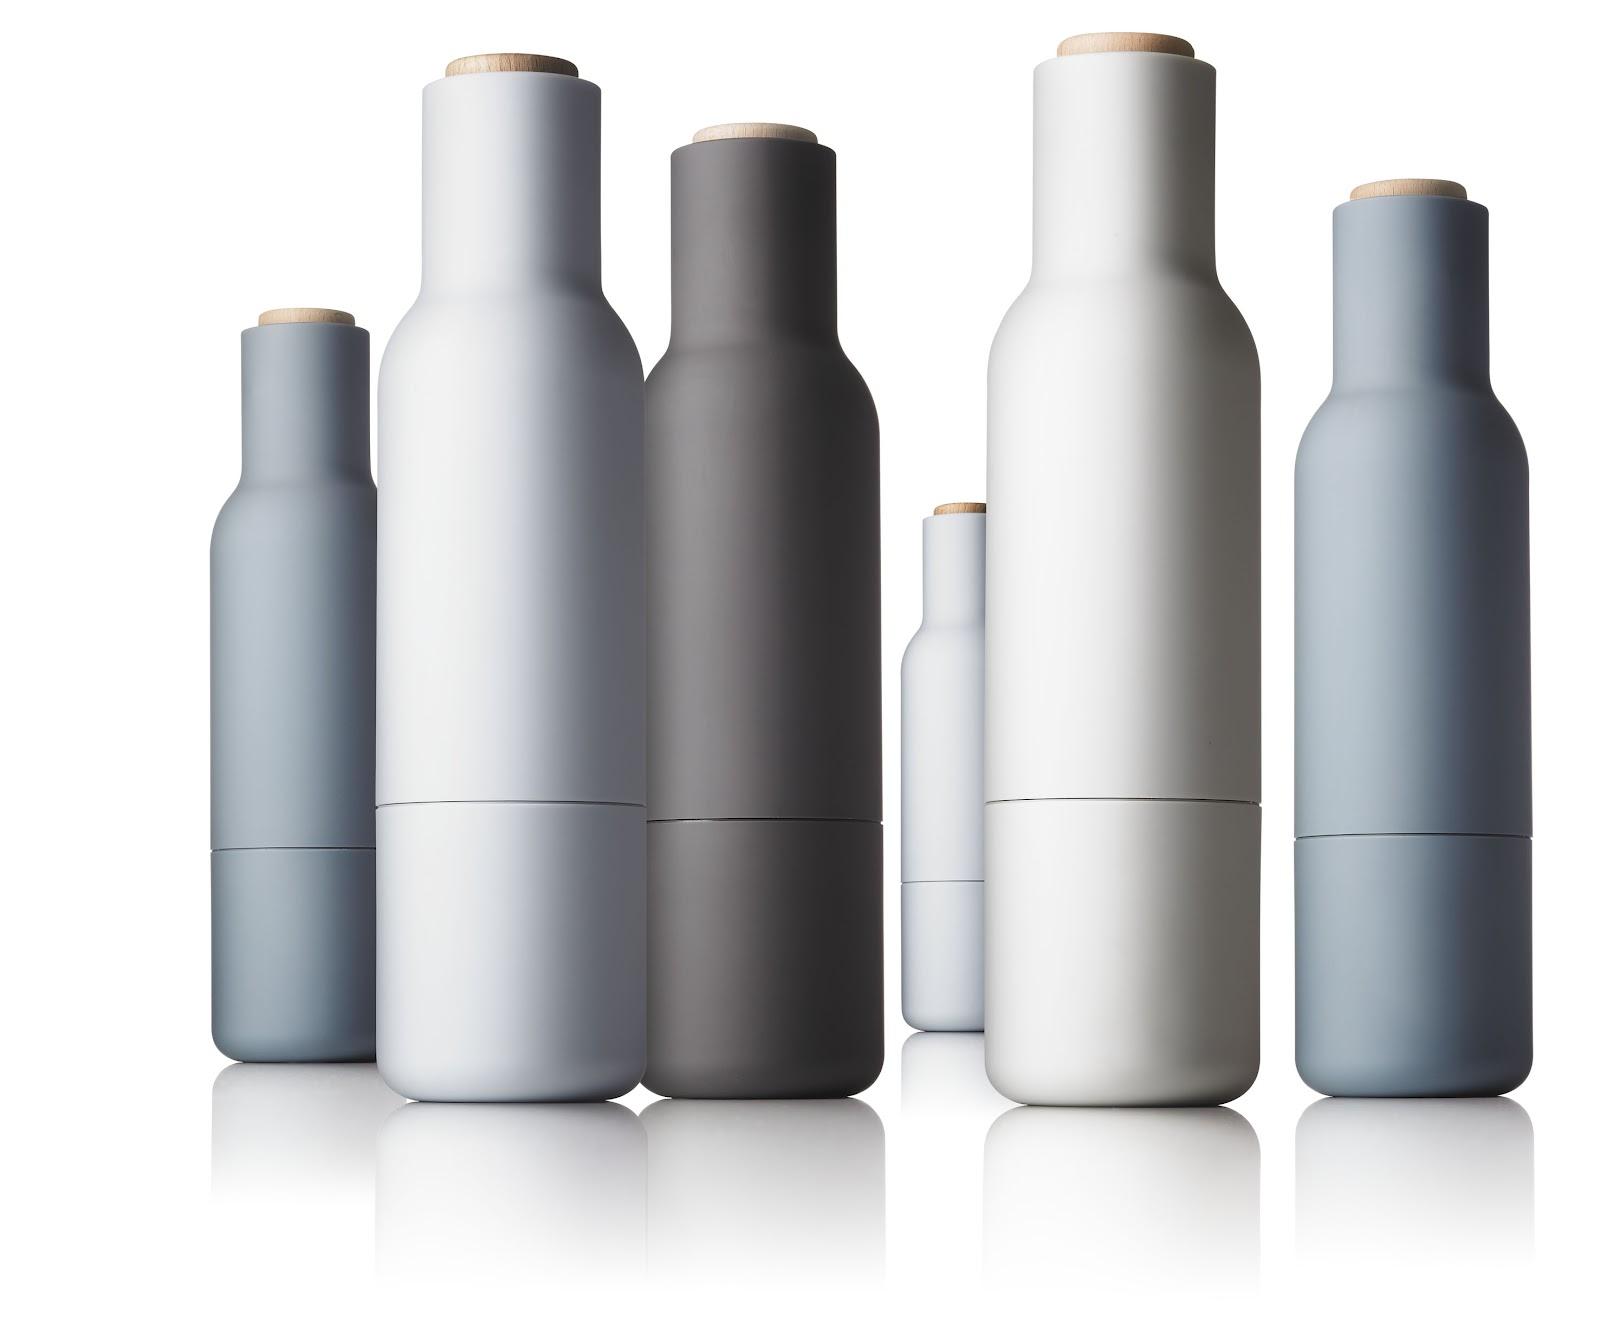 nordic blends peper en zoutmolens bottle grinder. Black Bedroom Furniture Sets. Home Design Ideas